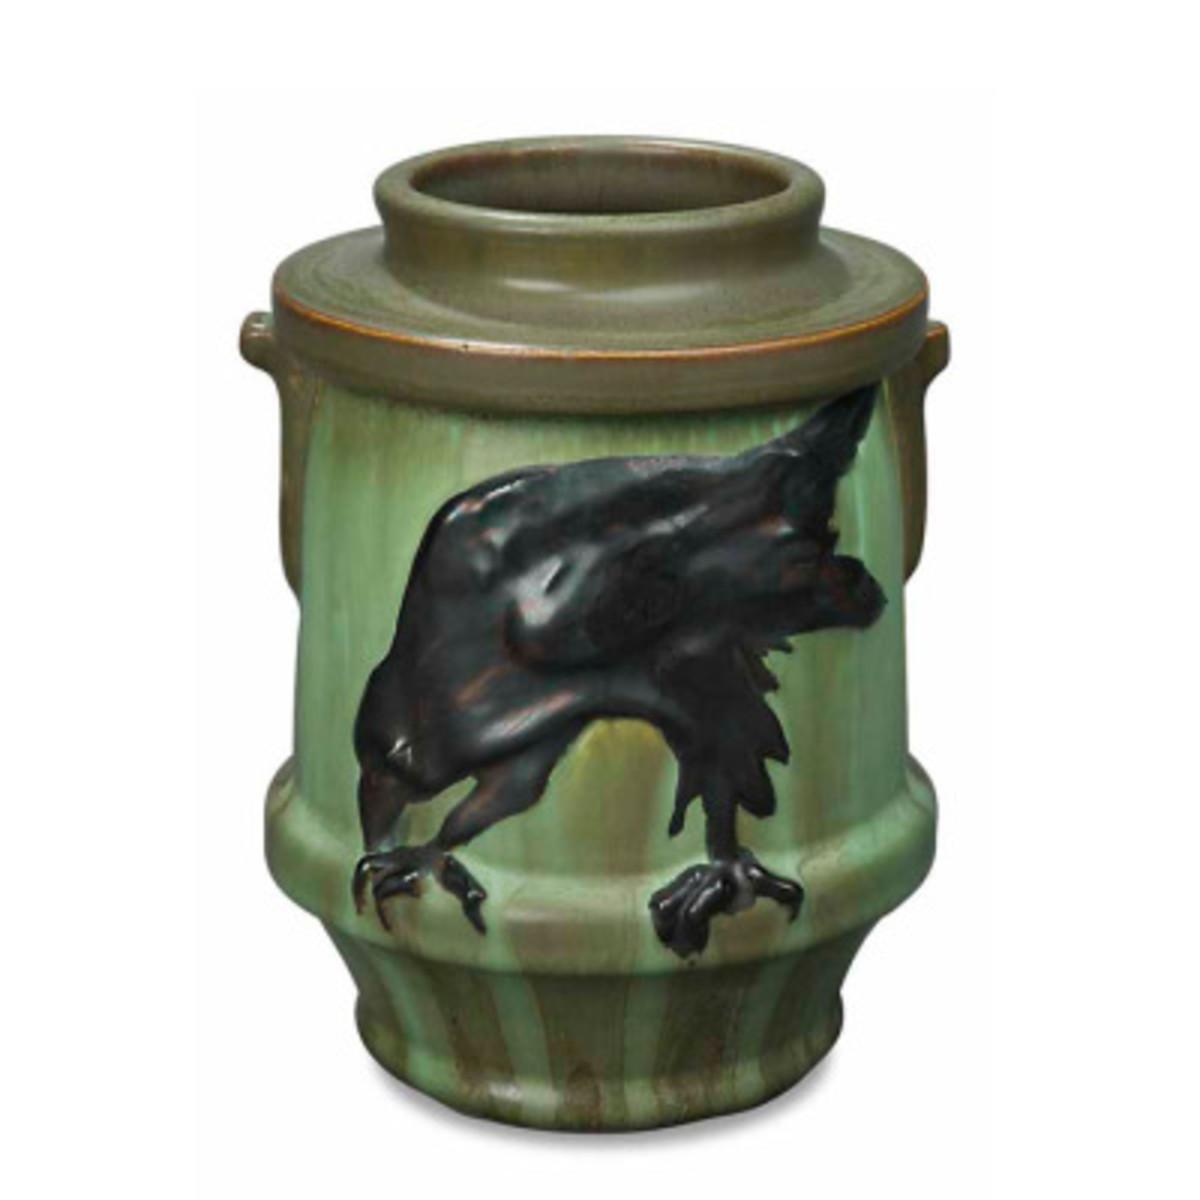 The Messenger gothic-feeling vase from Ephraim Faience.